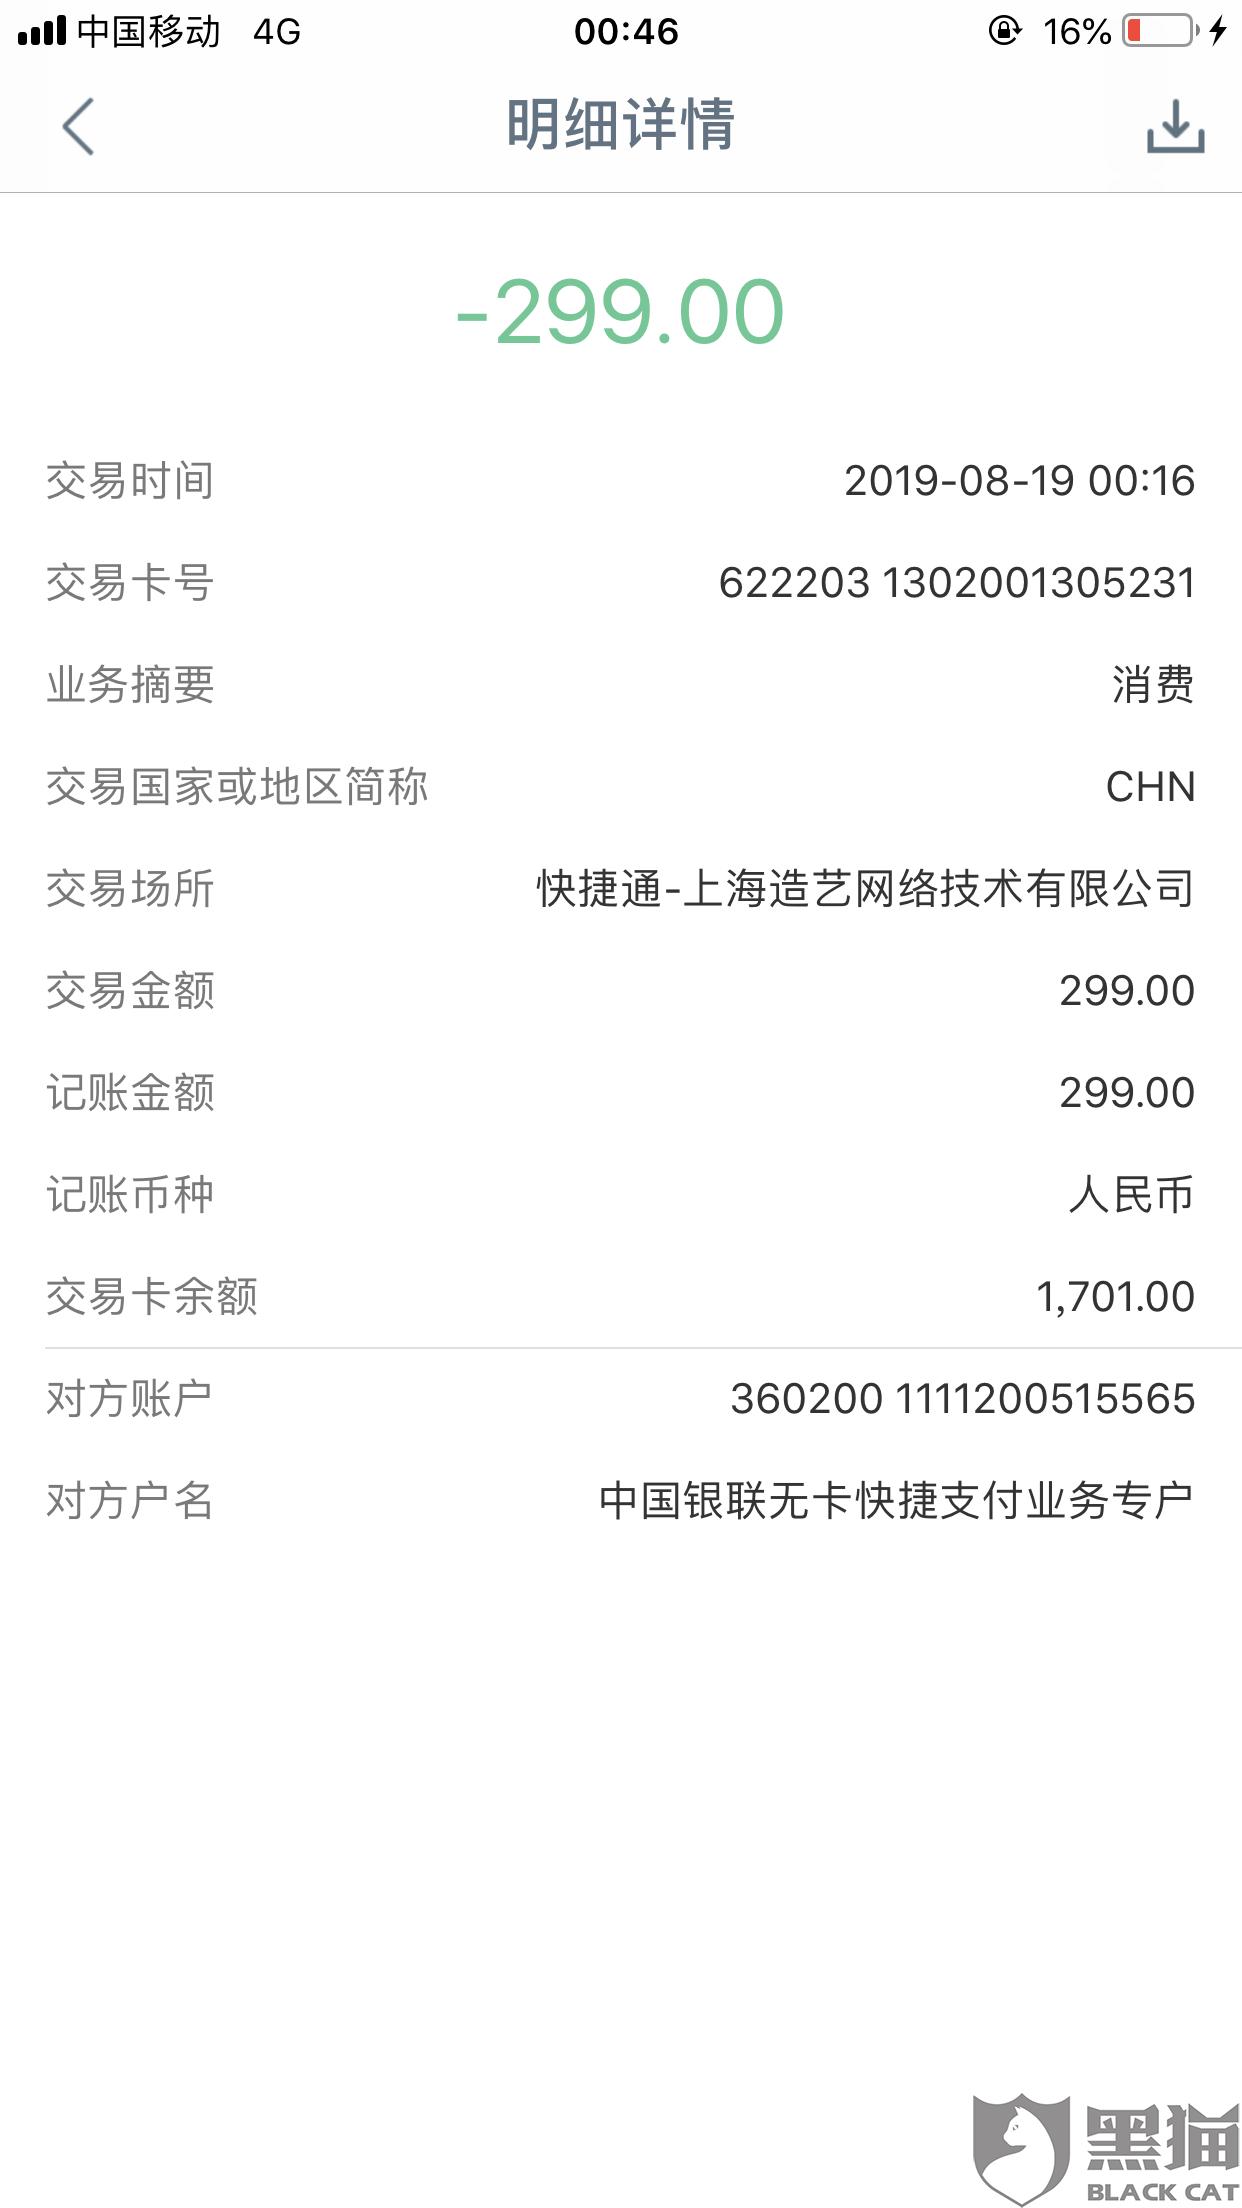 黑猫投诉:上海造艺网络技术有限公司未经过本人同意 直接银行卡扣款299元